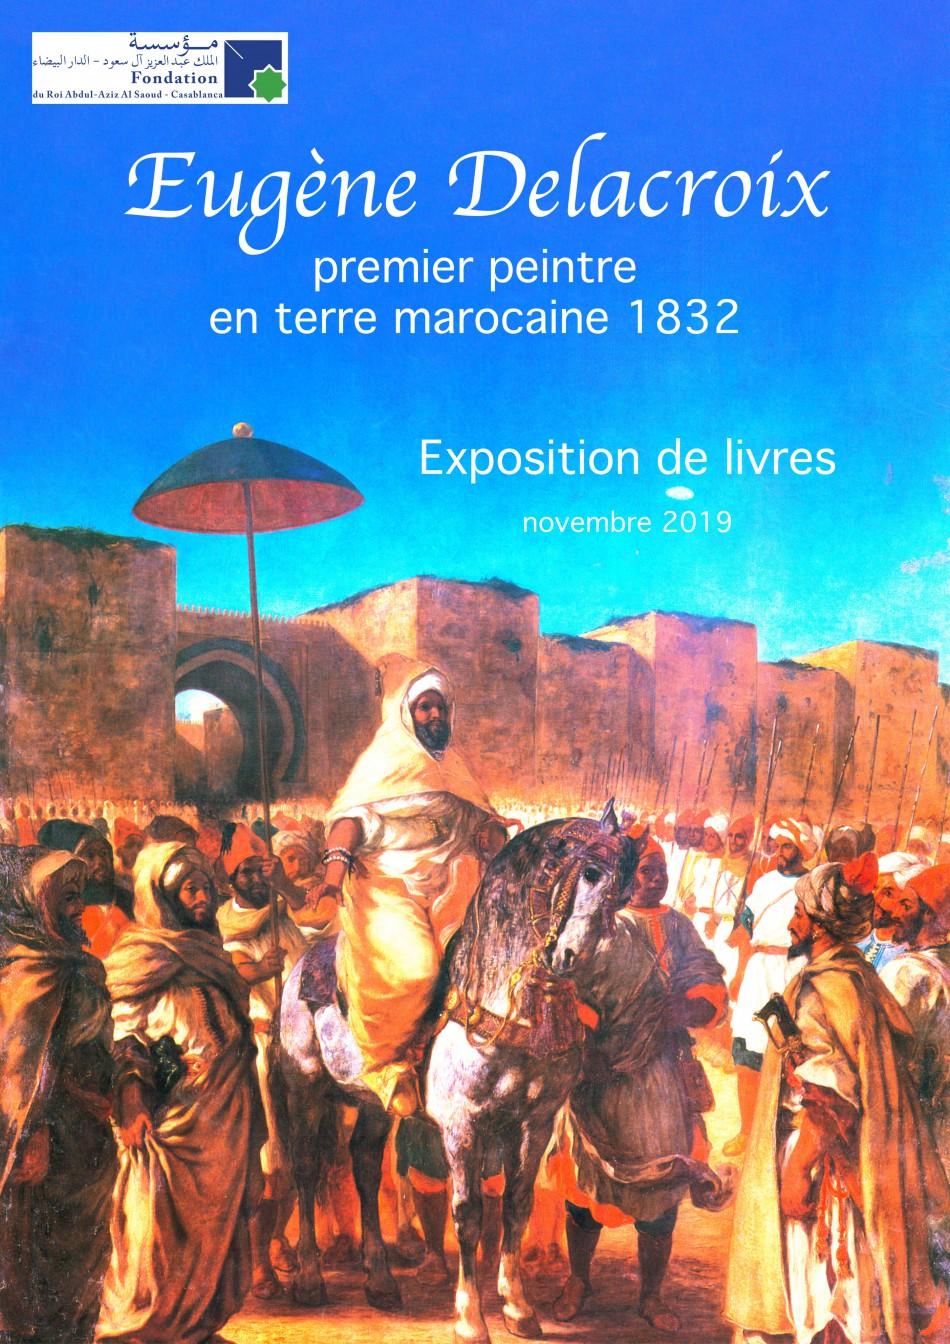 معرض الشهر : أوجين دولاكروا, أول رسام في أرض المغرب 1832